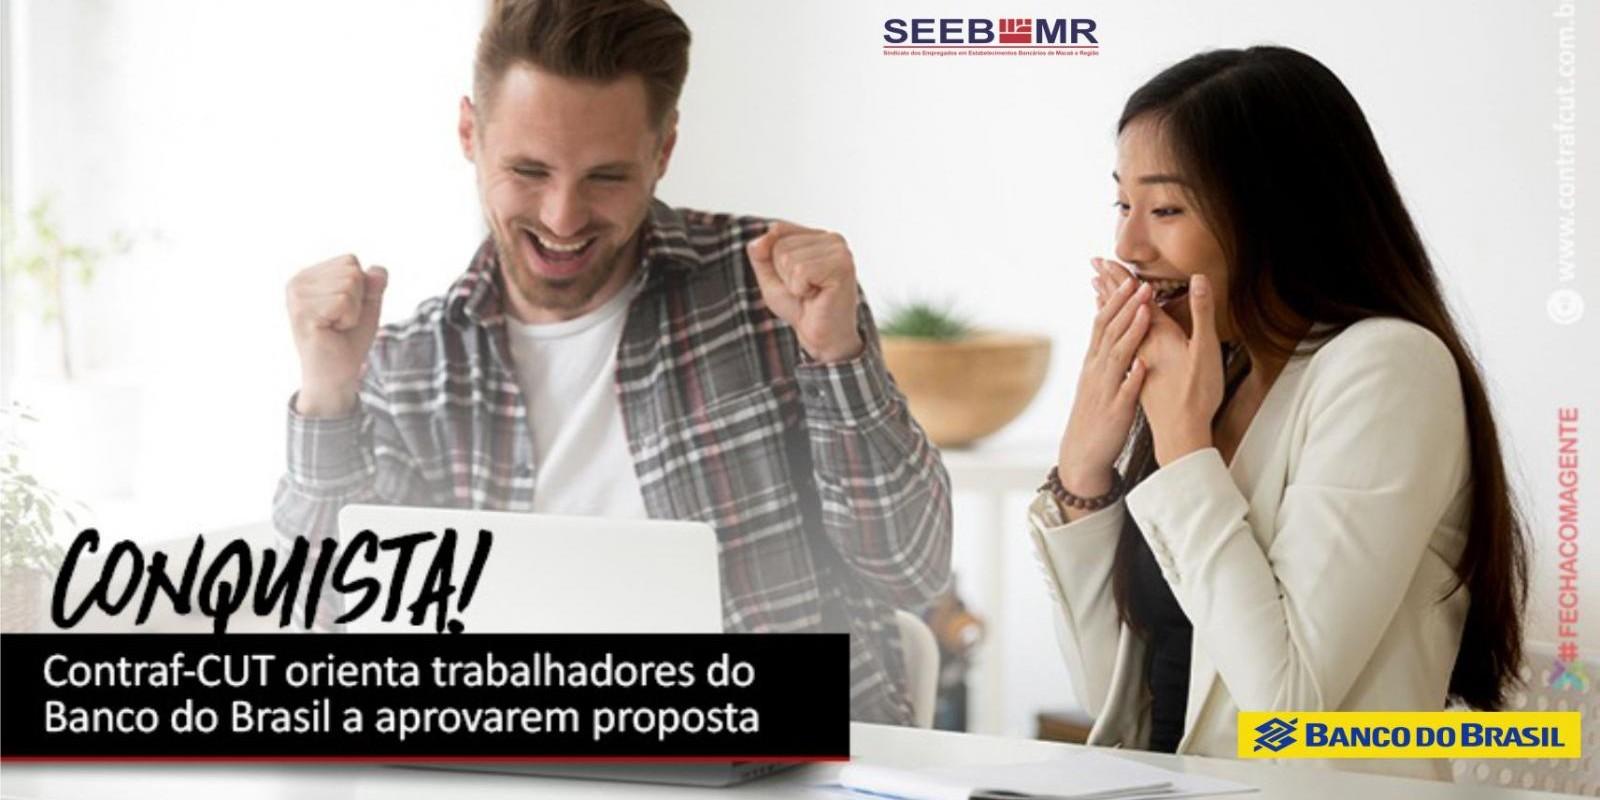 EDITAL 005/2020 - ASSEMBLEIA EXTRAORDINÁRIA ESPECÍFICA - Bancários vão deliberar sobre o acordo com o Banco do Brasil S/A.